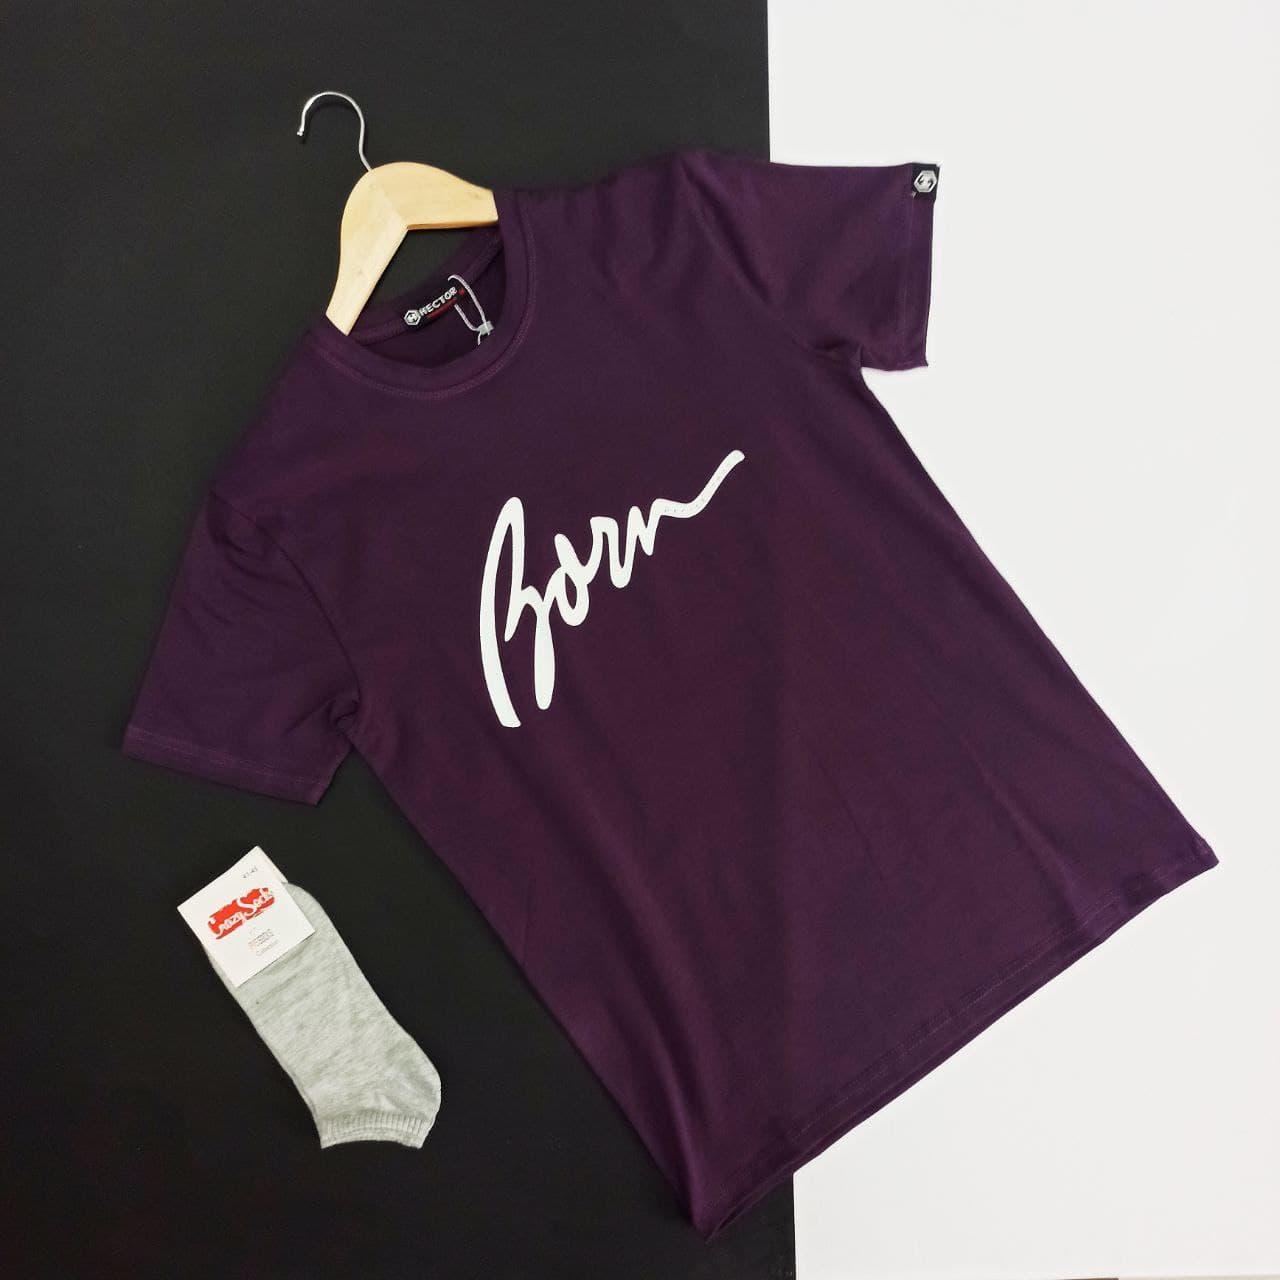 Мужская футболка молодежная фиолетовая из хлопка с логотипом Born